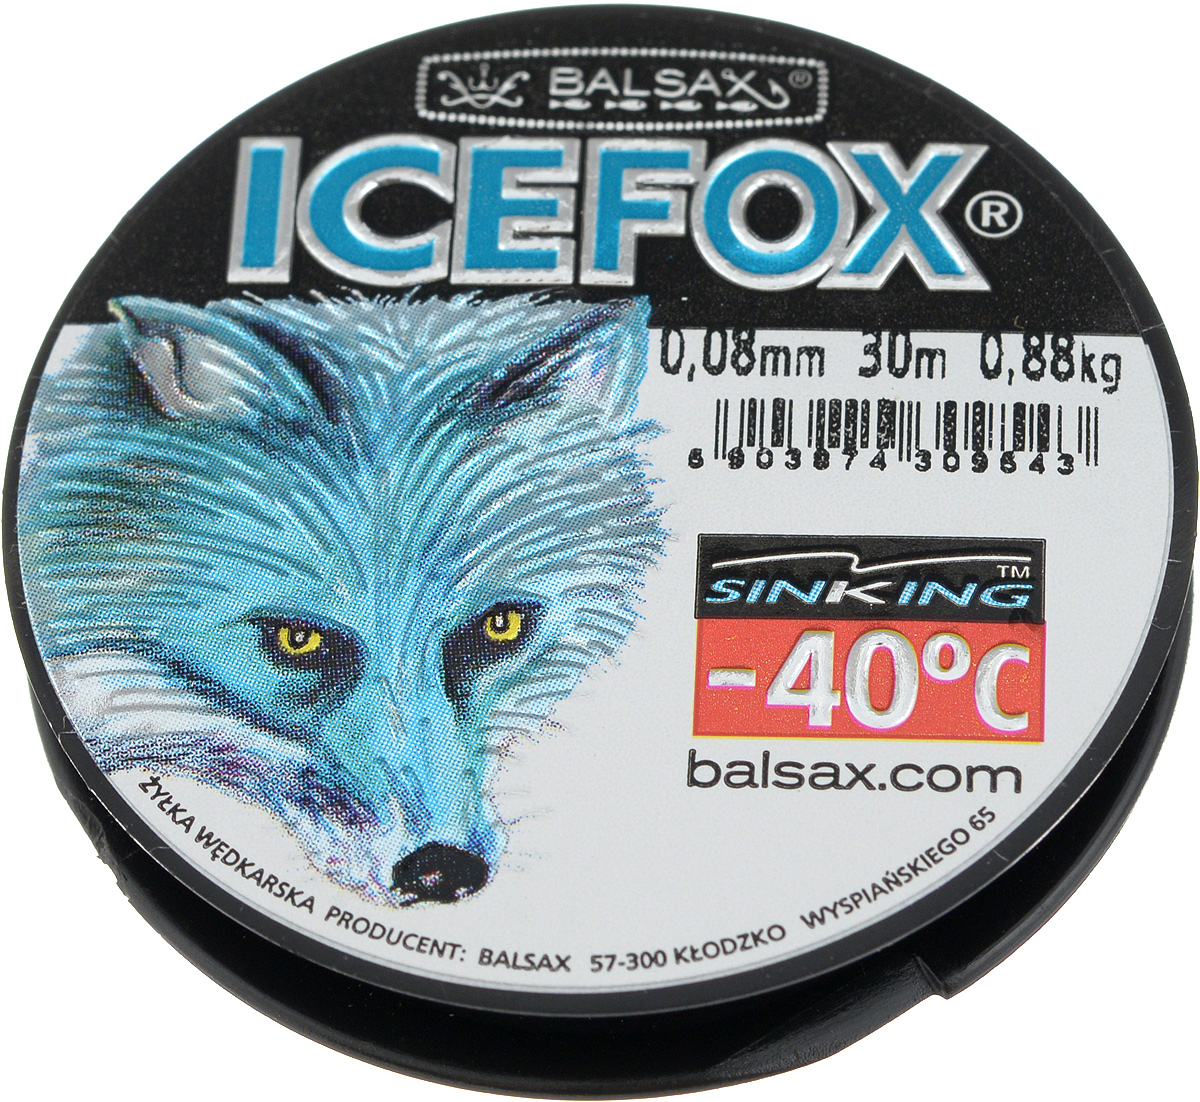 Леска зимняя Balsax Ice Fox, 30 м, 0,08 мм, 0,88 кг1045927Леска Balsax Ice Fox изготовлена из 100% нейлона и очень хорошо выдерживает низкие температуры. Даже в самом холодном климате, при температуре вплоть до -40°C, она сохраняет свои свойства практически без изменений, в то время как традиционные лески становятся менее эластичными и теряют прочность.Поверхность лески обработана таким образом, что она не обмерзает и отлично подходит для подледного лова. Прочна в местах вязки узлов даже при минимальном диаметре.